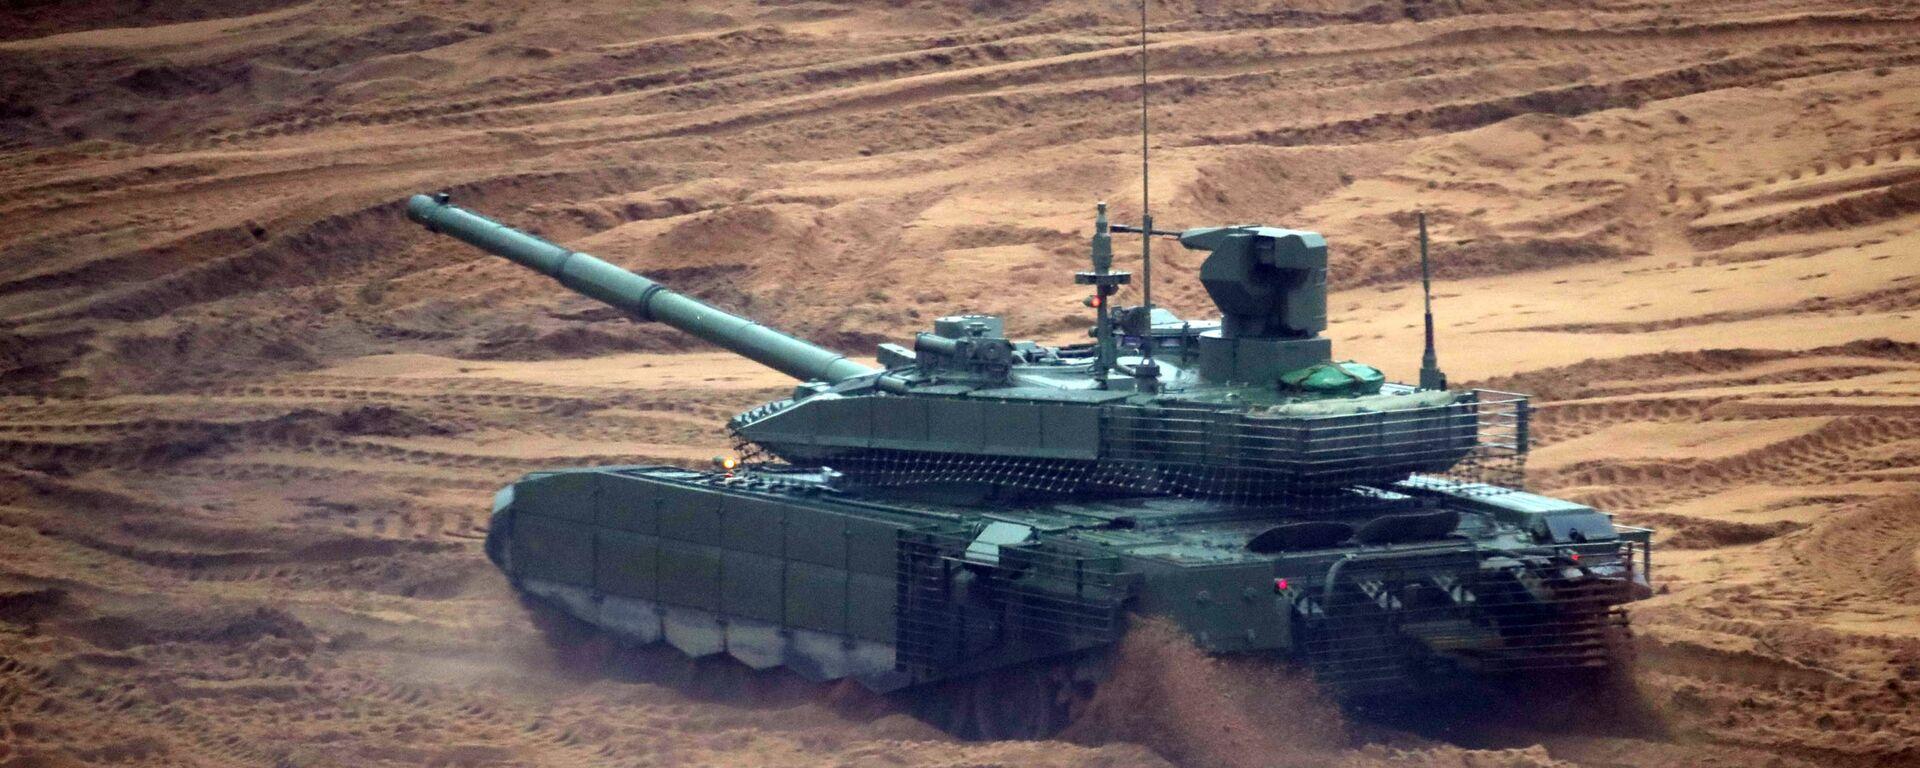 """Czołg T-90MS """"Tagił"""" podczas wspólnych ćwiczeń strategicznych """"Zapad-2017"""" - Sputnik Polska, 1920, 23.02.2020"""